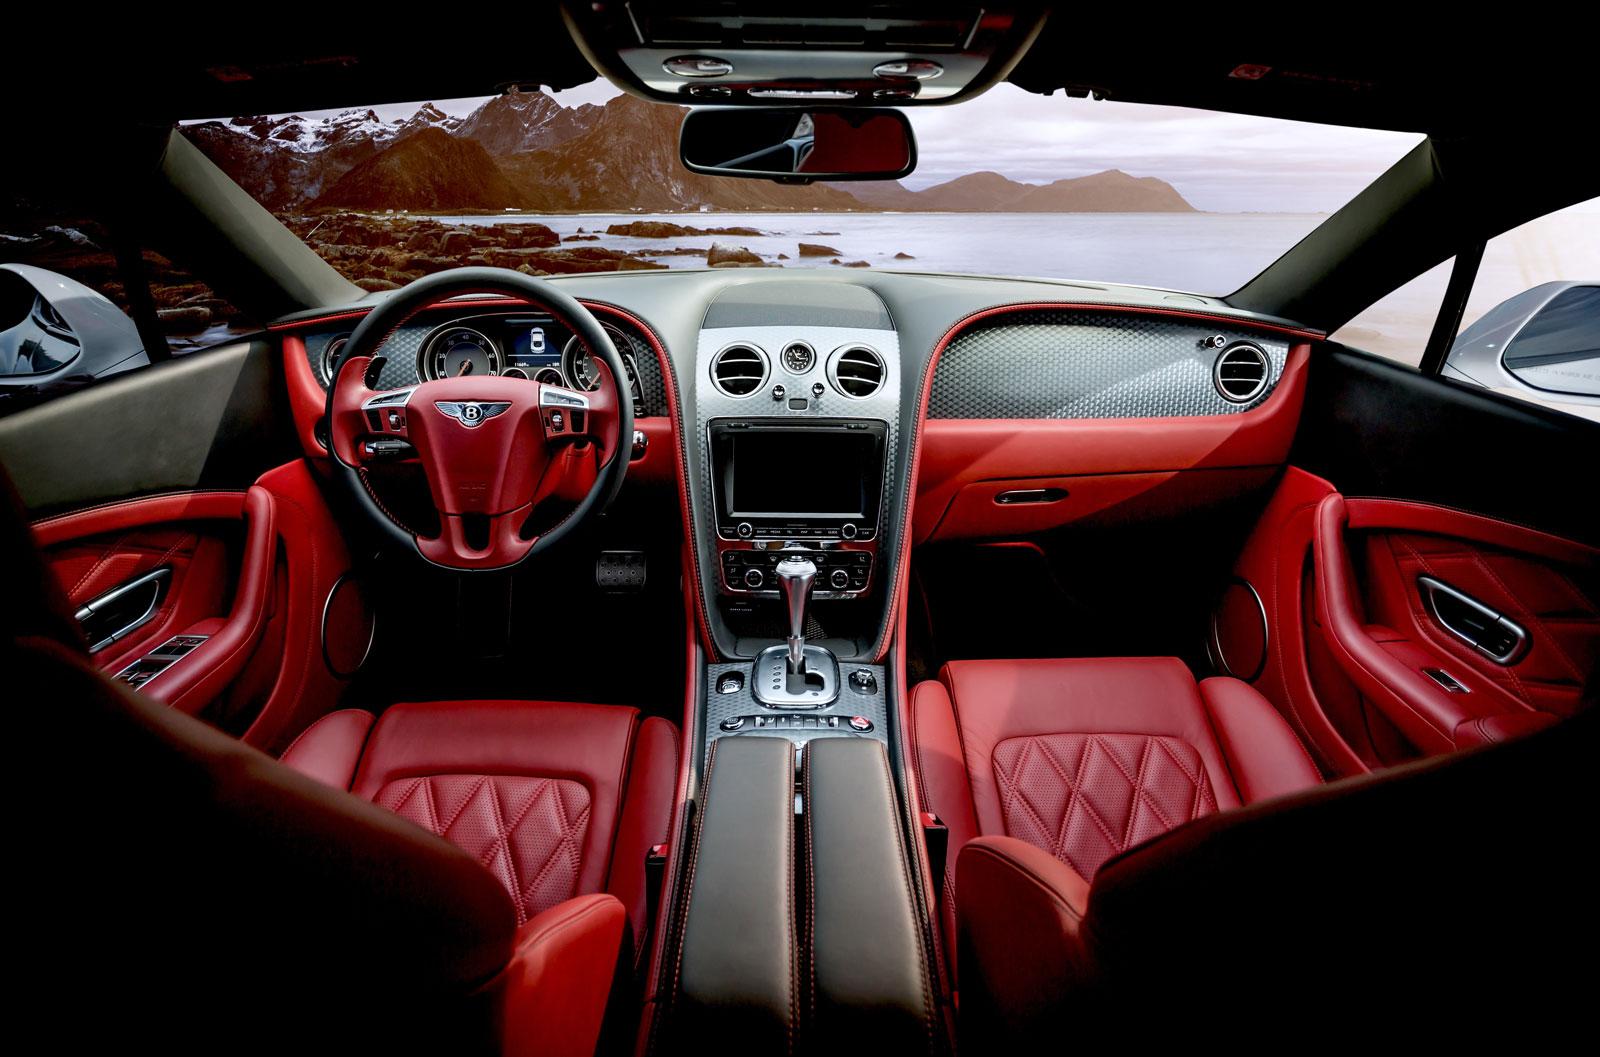 360°-Fahrzeugaufnahmen des Innenraums